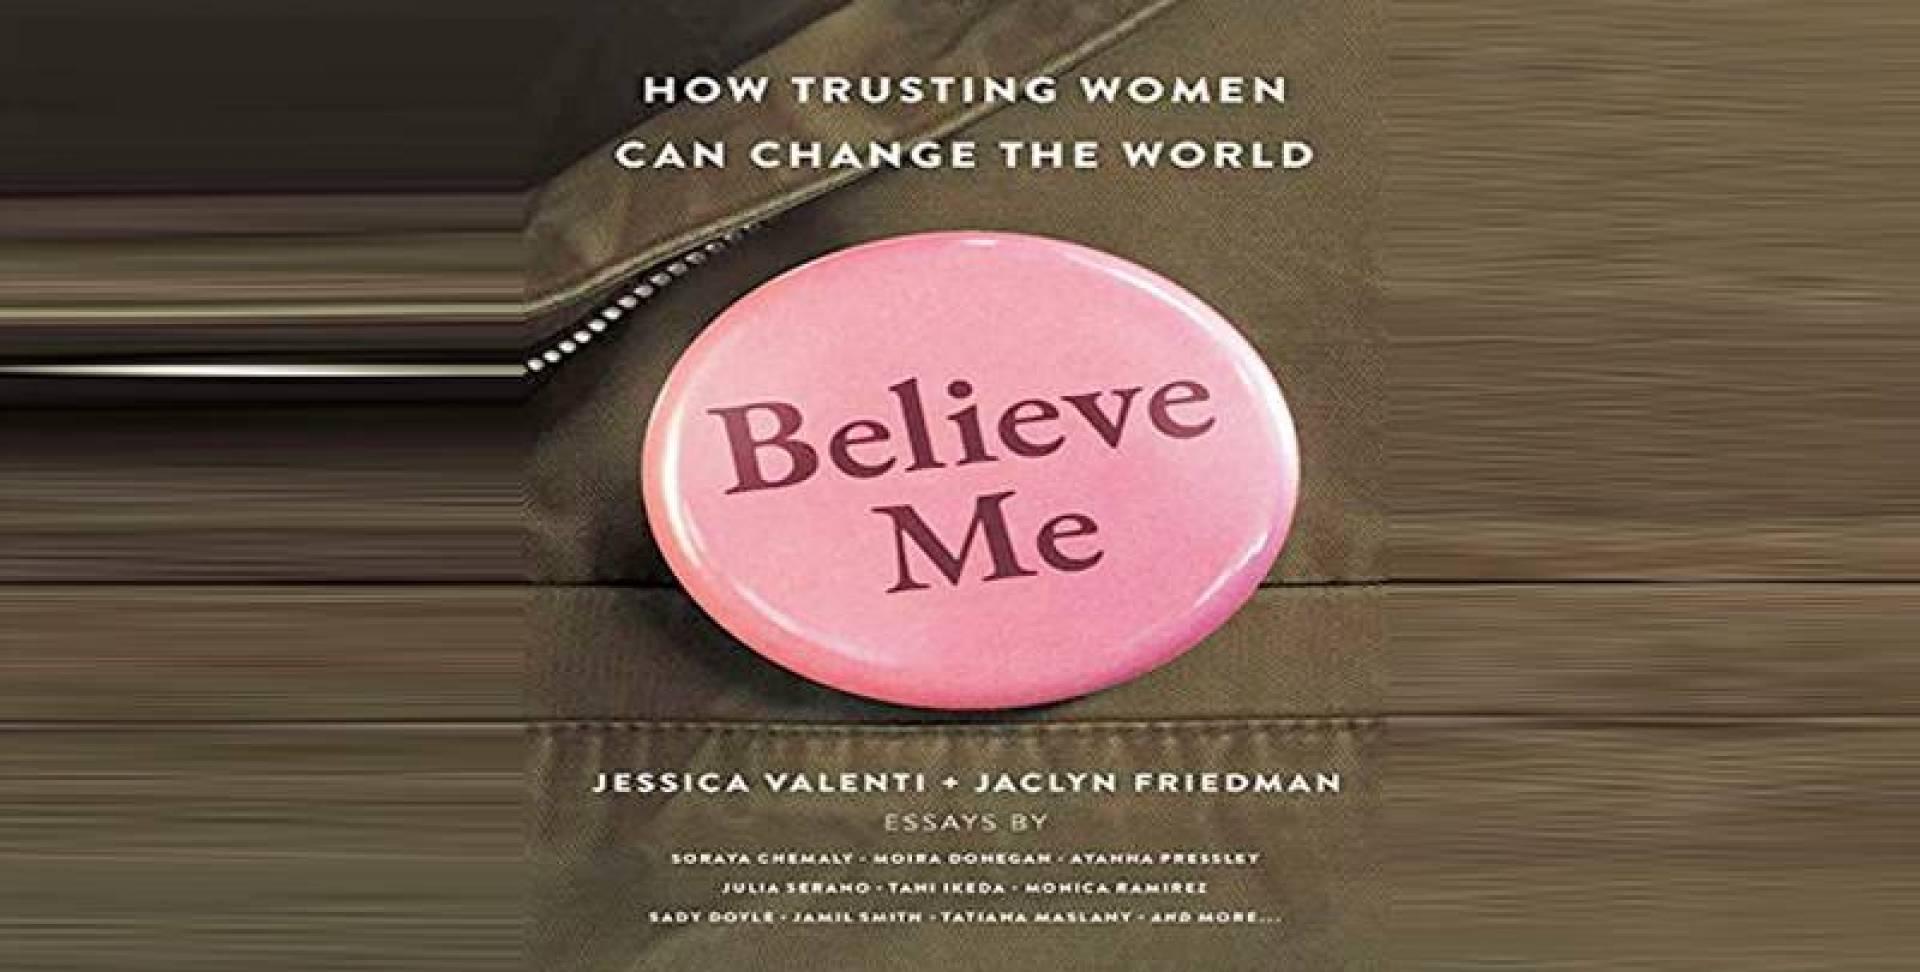 «صدقوني»: الثقة بالنساء يمكن أن تغير العالم